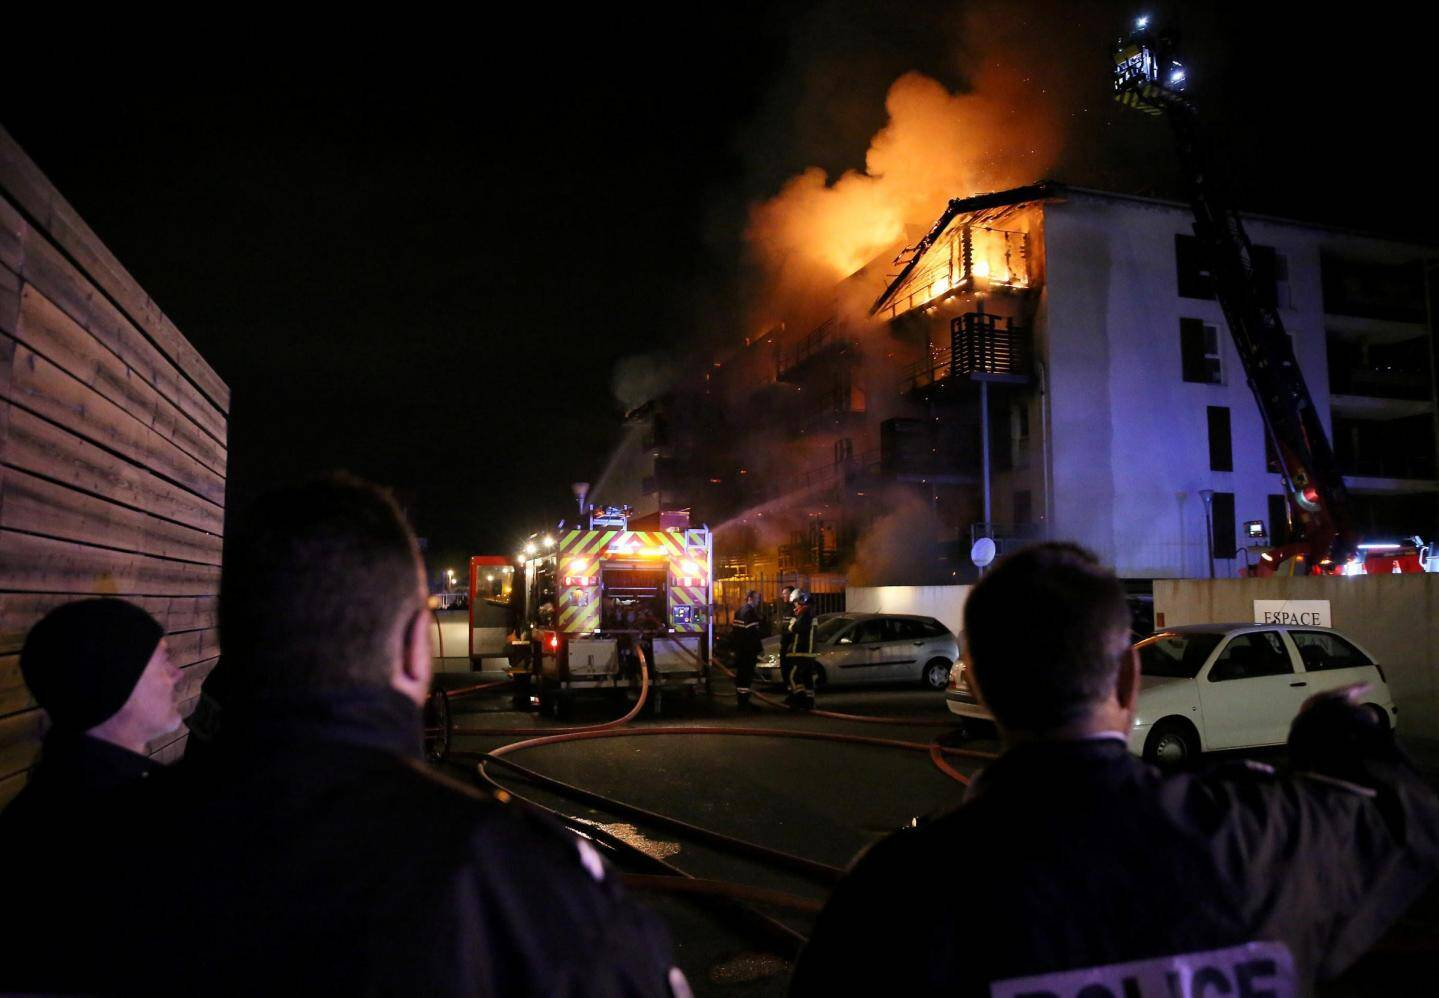 L'incendie a nécessité l'intervention d'un important dispositif de pompiers.